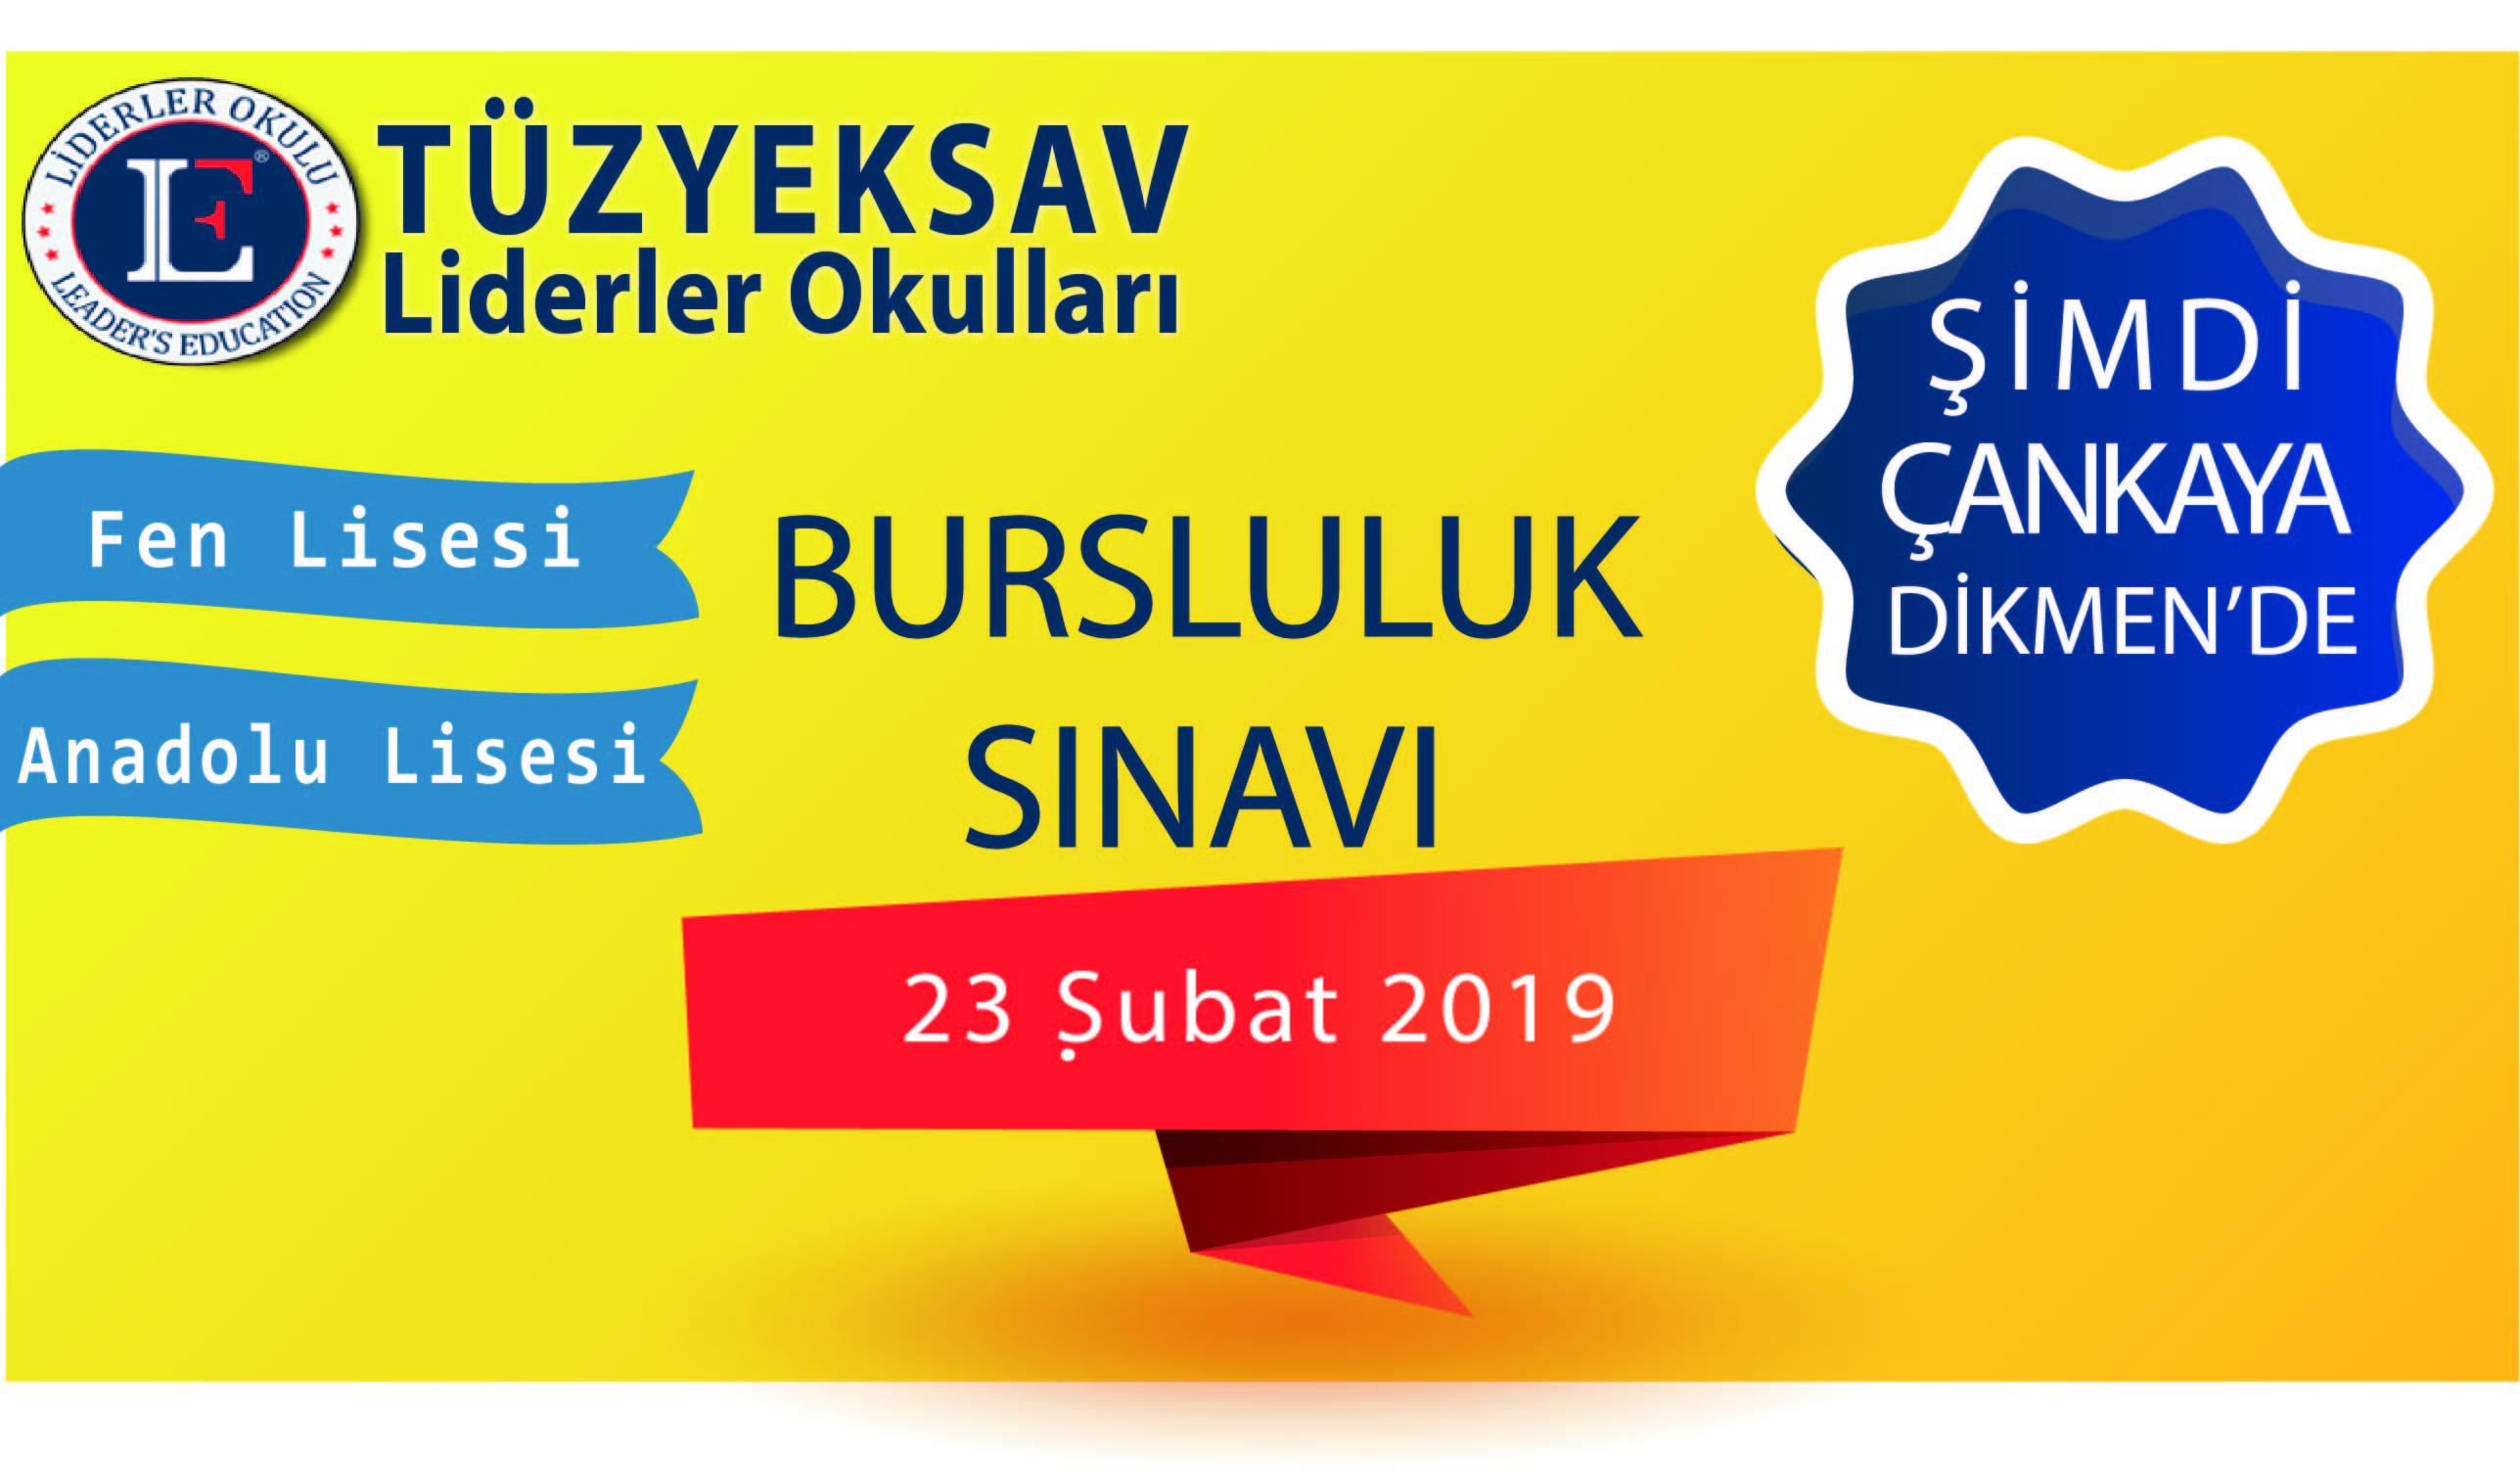 TÜZYEKSAV Liderler Okulları Fen ve Anadolu Lisesi Bursluluk Sınavı